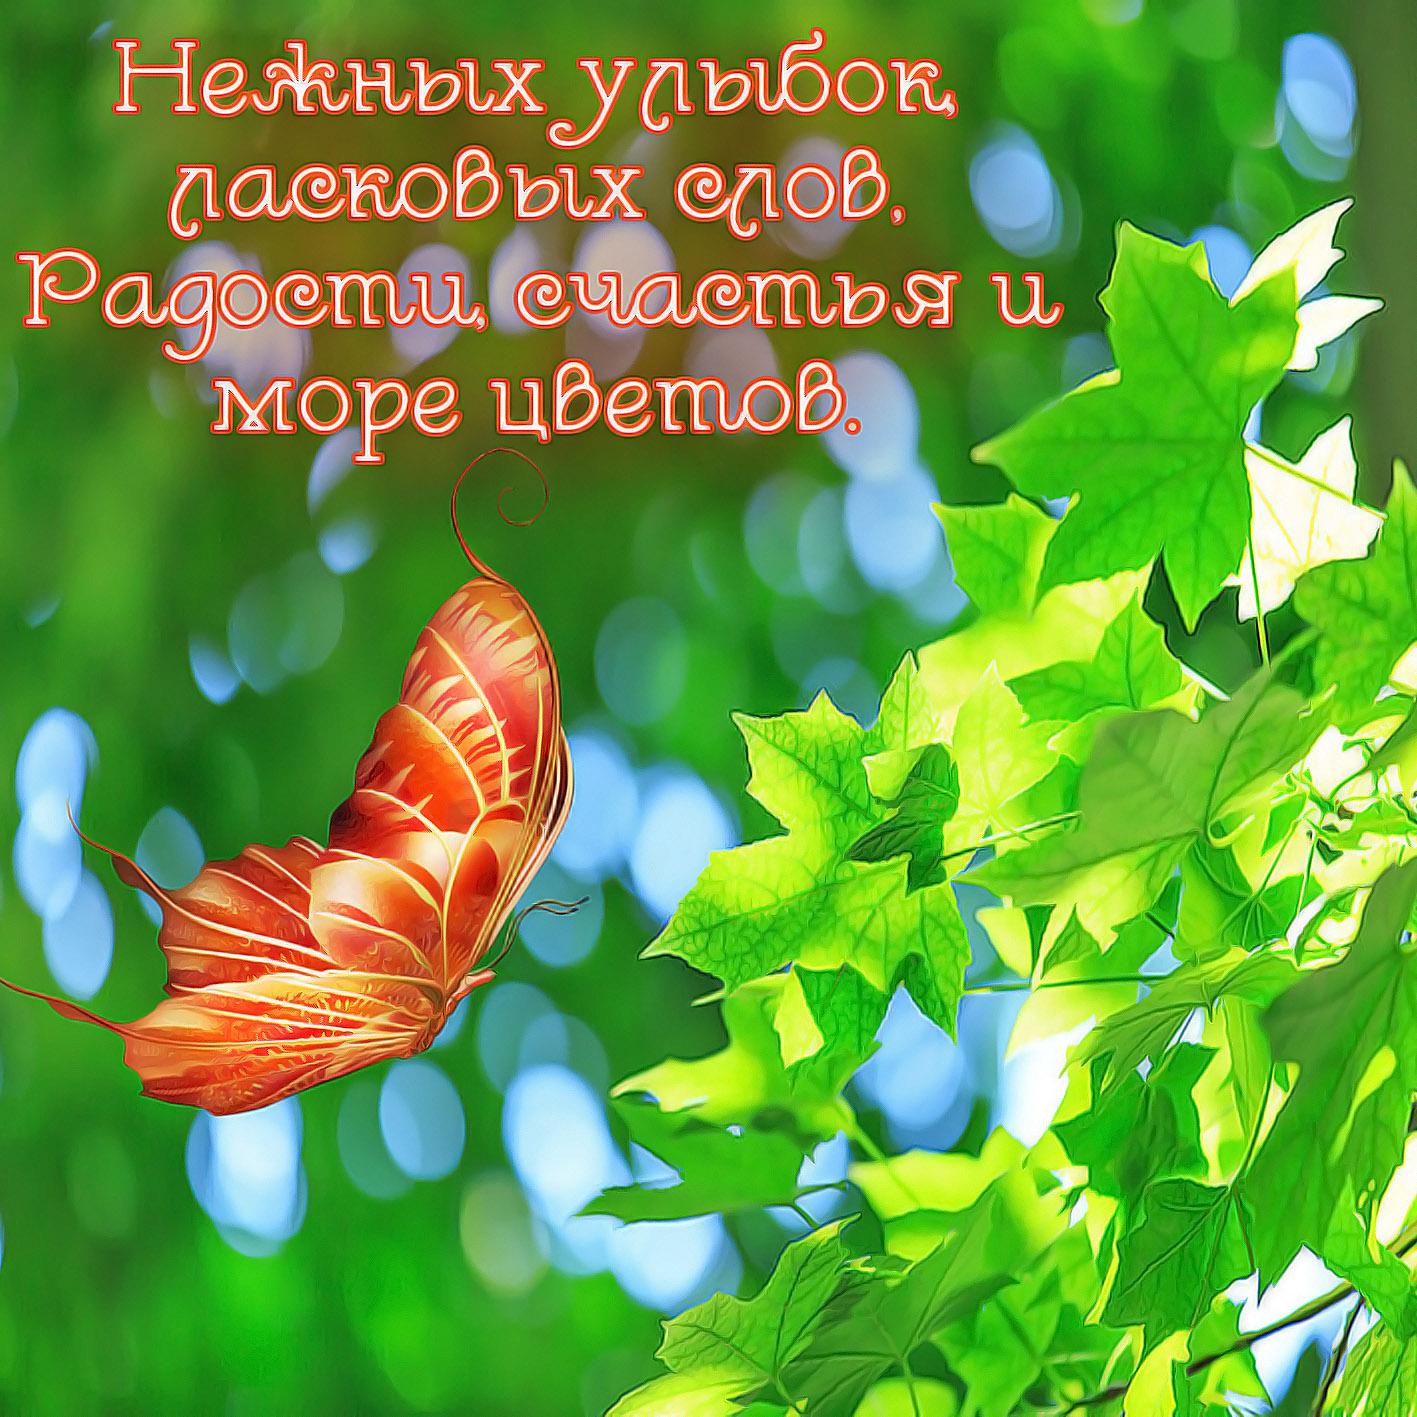 открытки с природой пожелания доброго дня